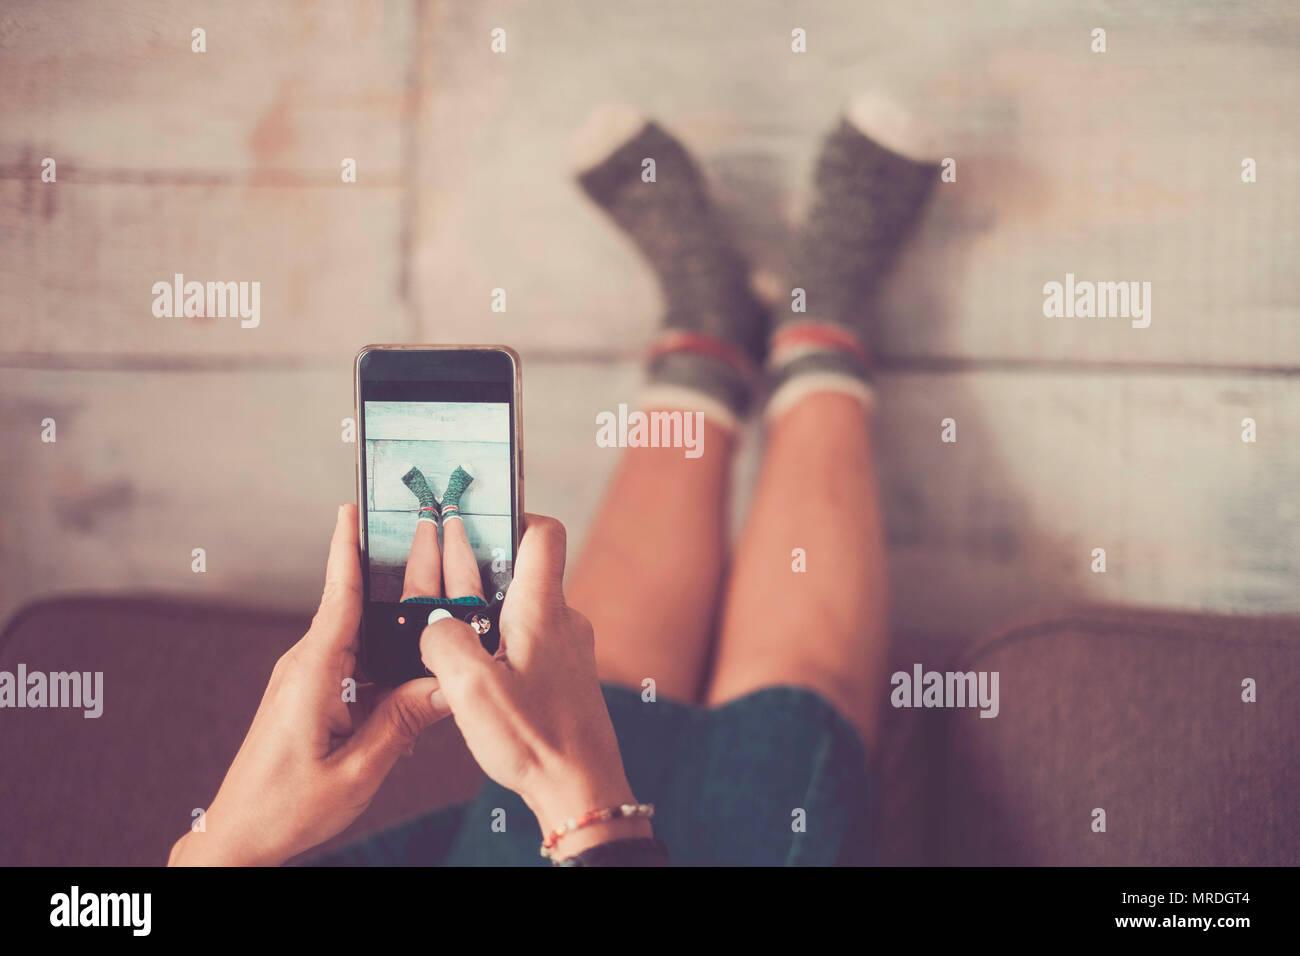 Schöne kaukasische Frau Bild mit Handy an Ihre Beine gegen die Wand mit netten und lustigen Socken. home alternativen Lebensstil und indepe Stockbild